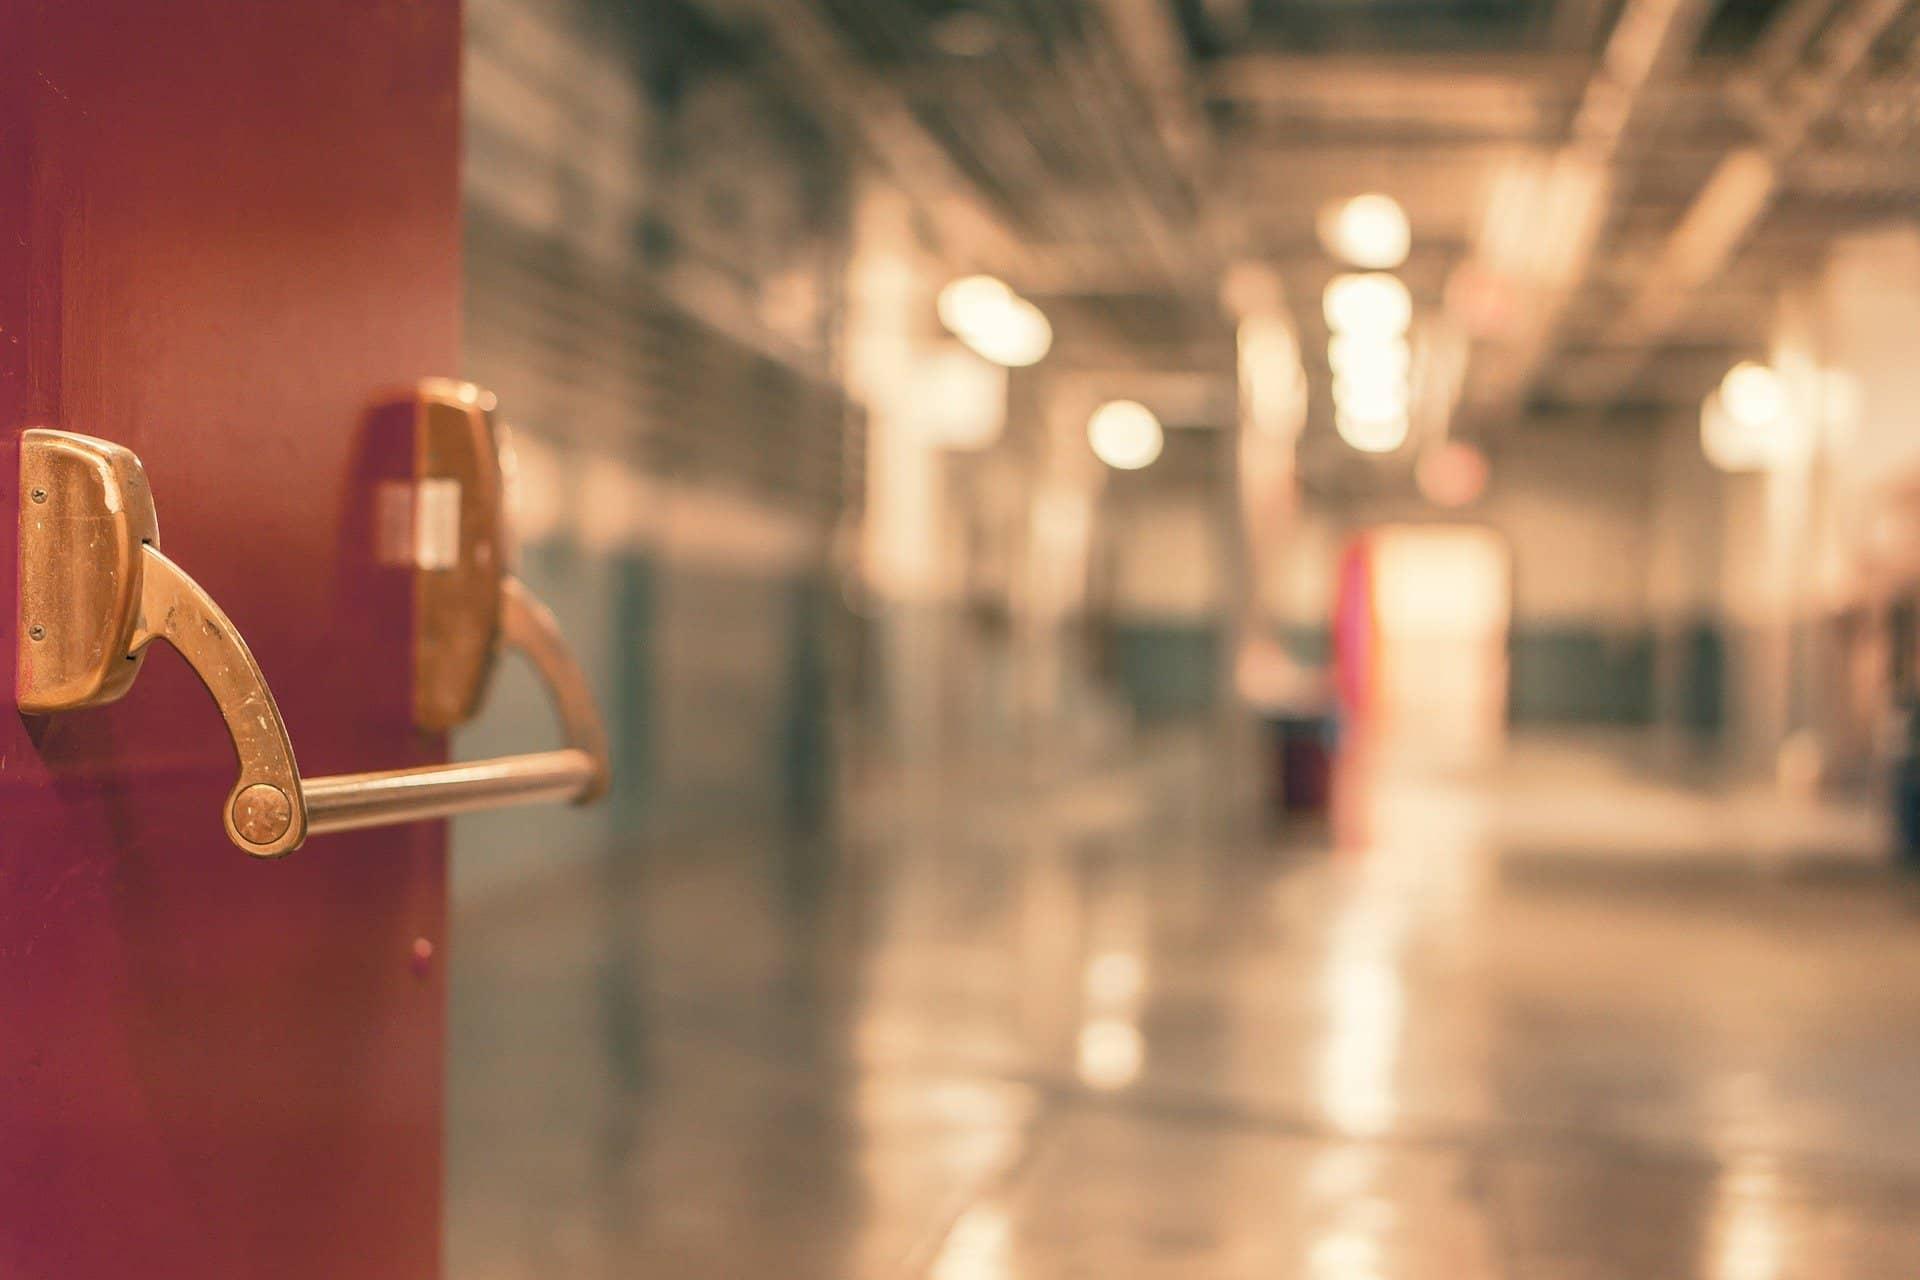 Miedziany uchwyt w szpitalu (pixabay)